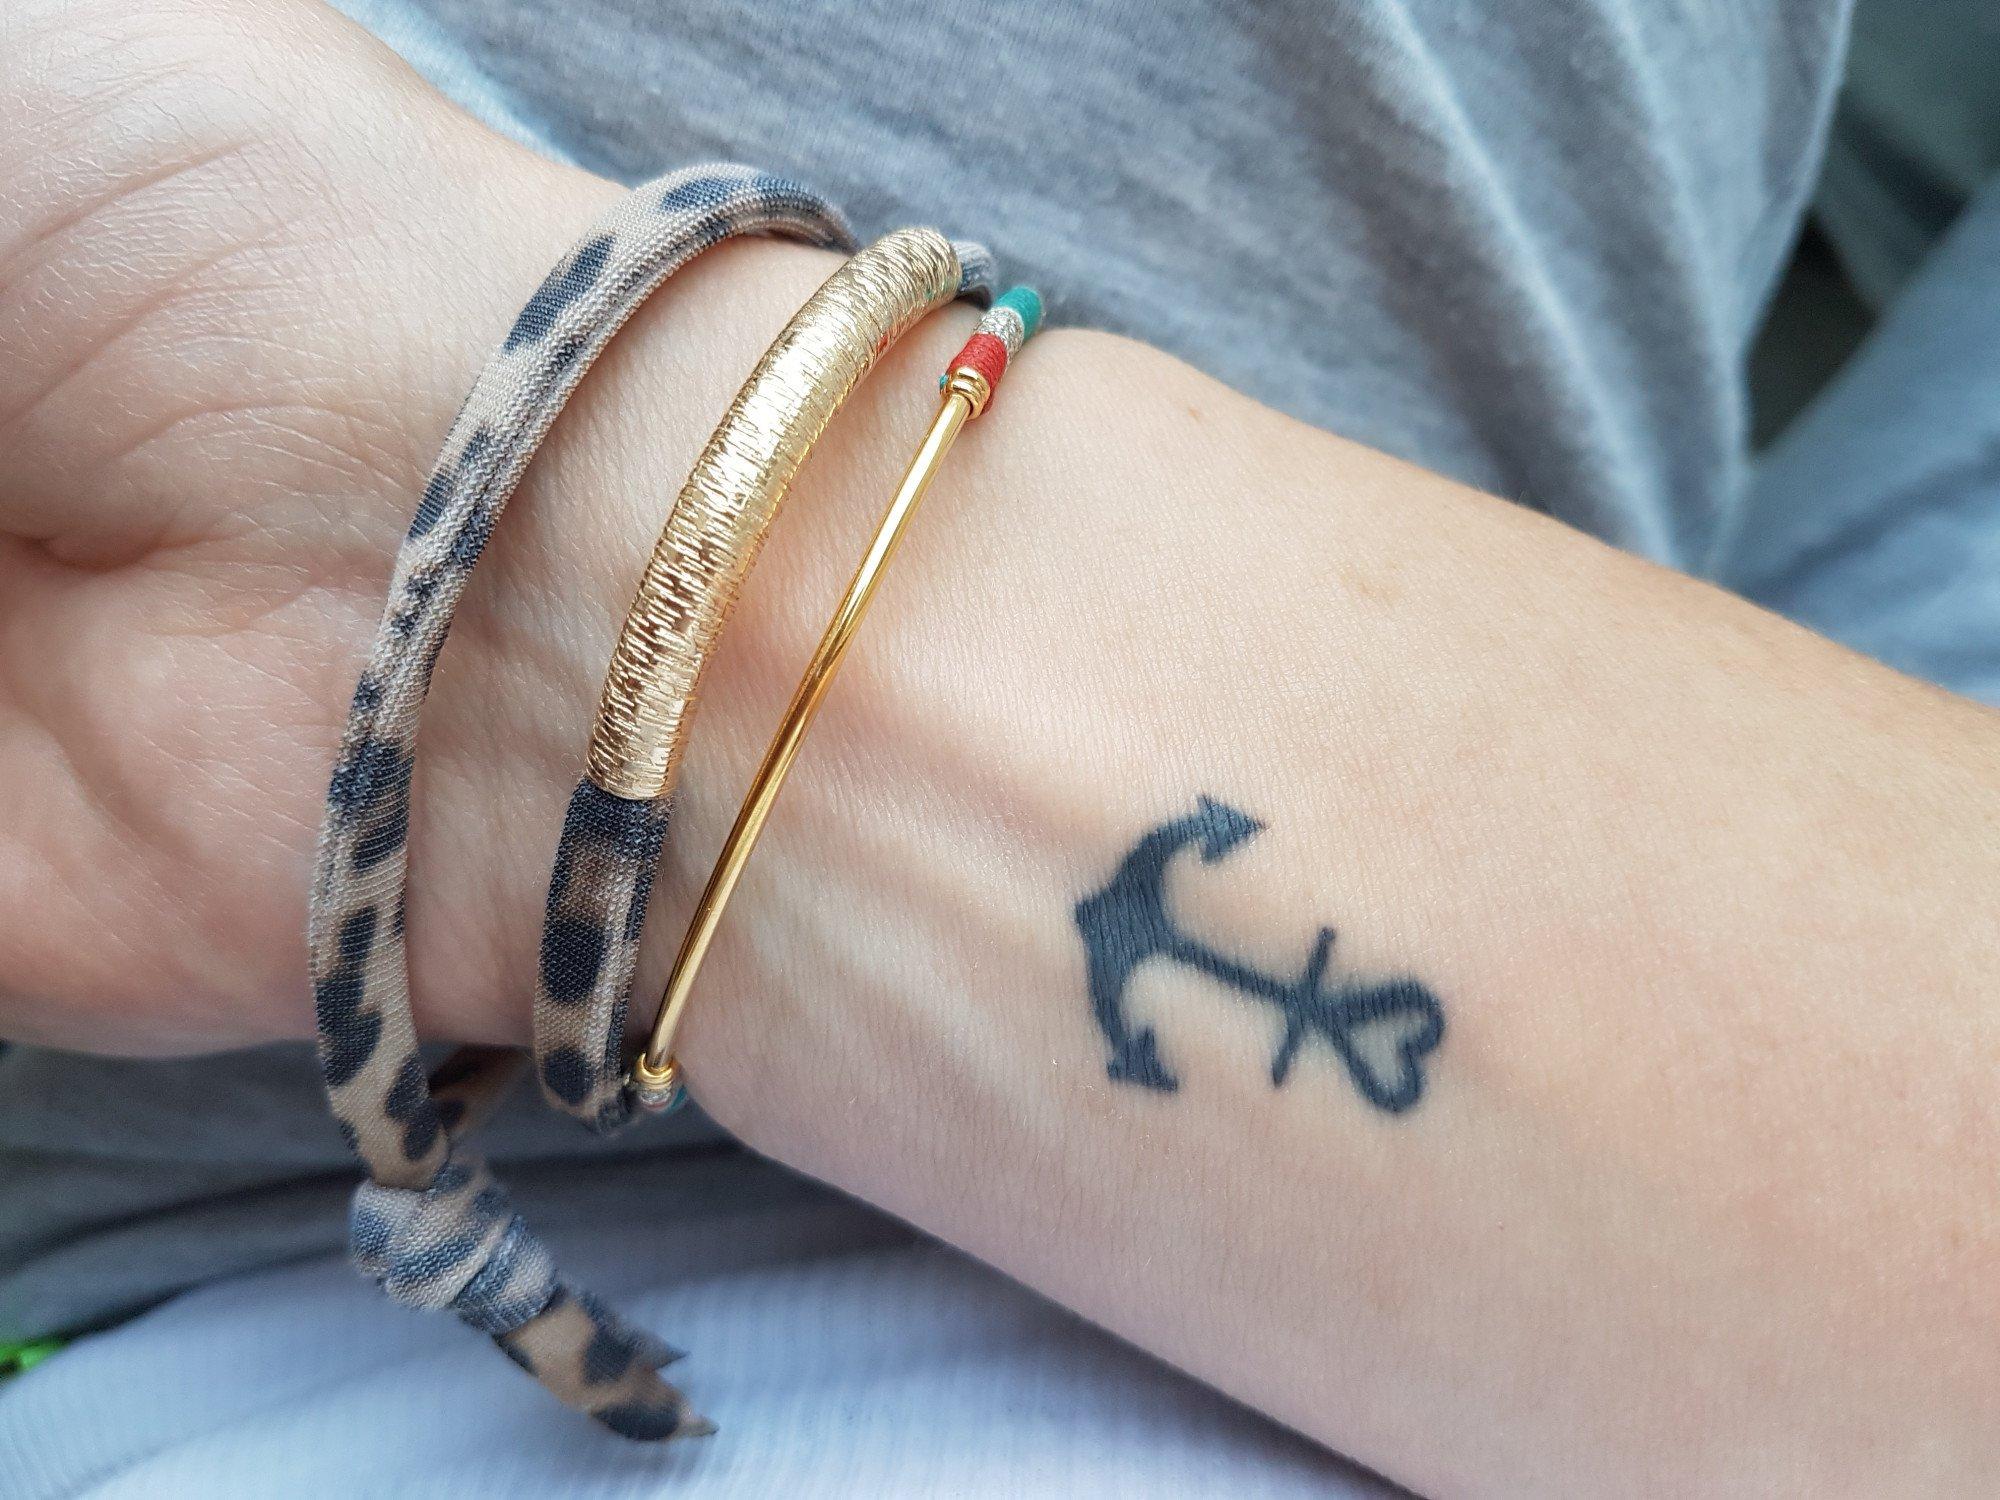 Extreem Mijn tattoos - Pearls&Stripes Blog &SH37